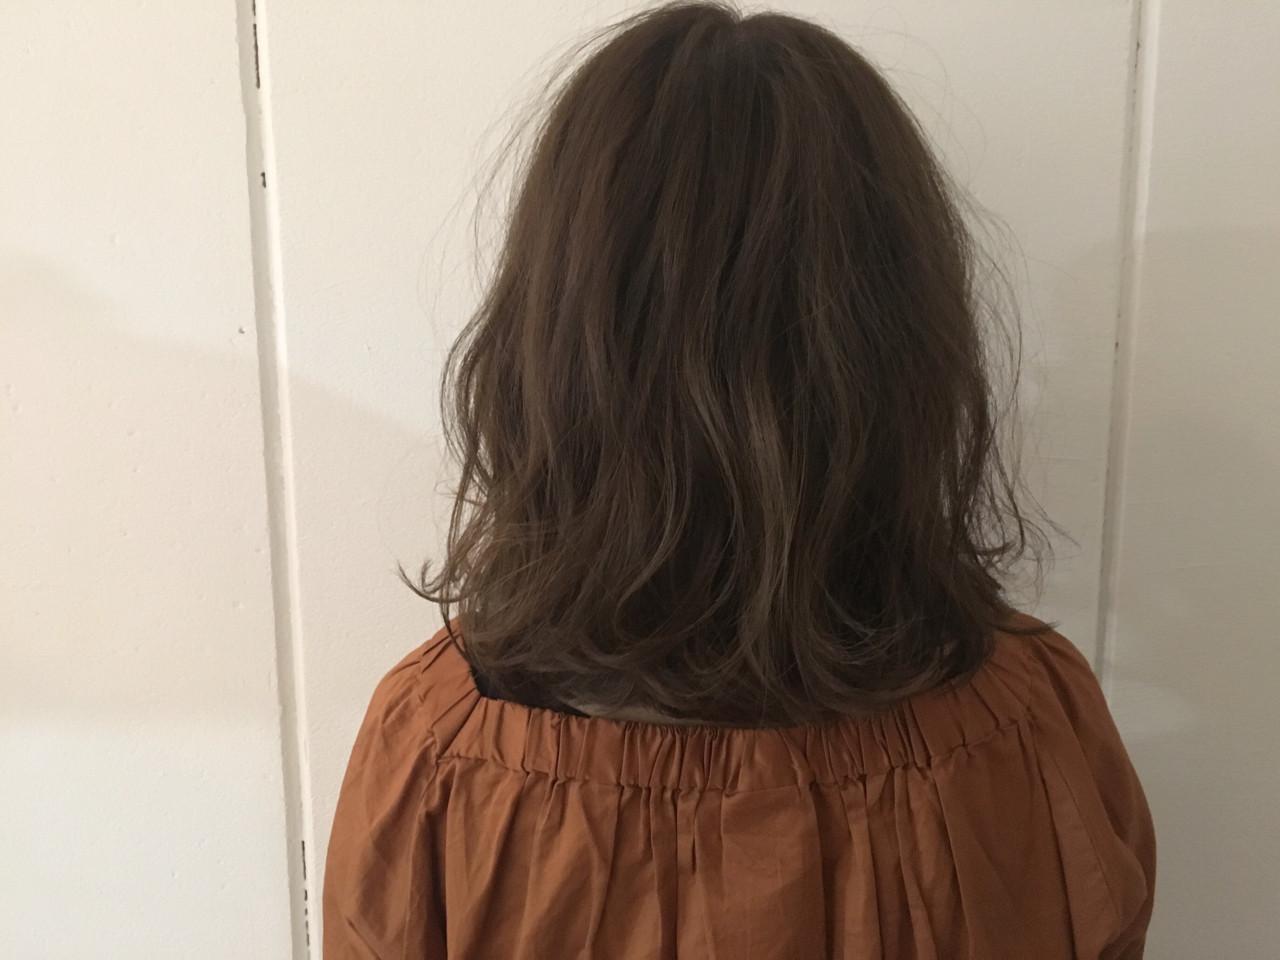 大人かわいい グレージュ アッシュ ミディアム ヘアスタイルや髪型の写真・画像